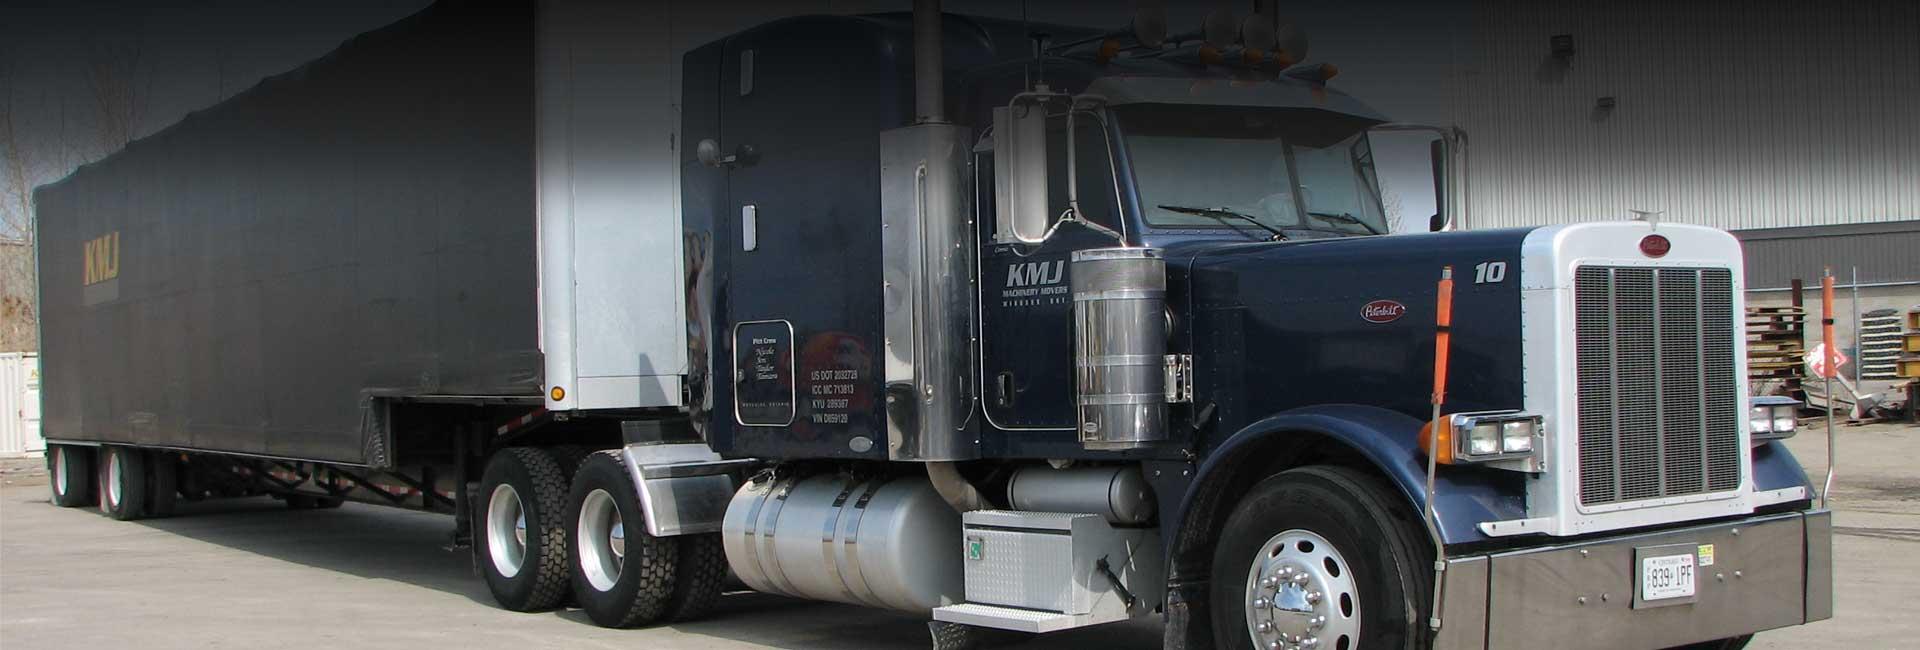 KMJ Heavy Truck Transportation, Ontario